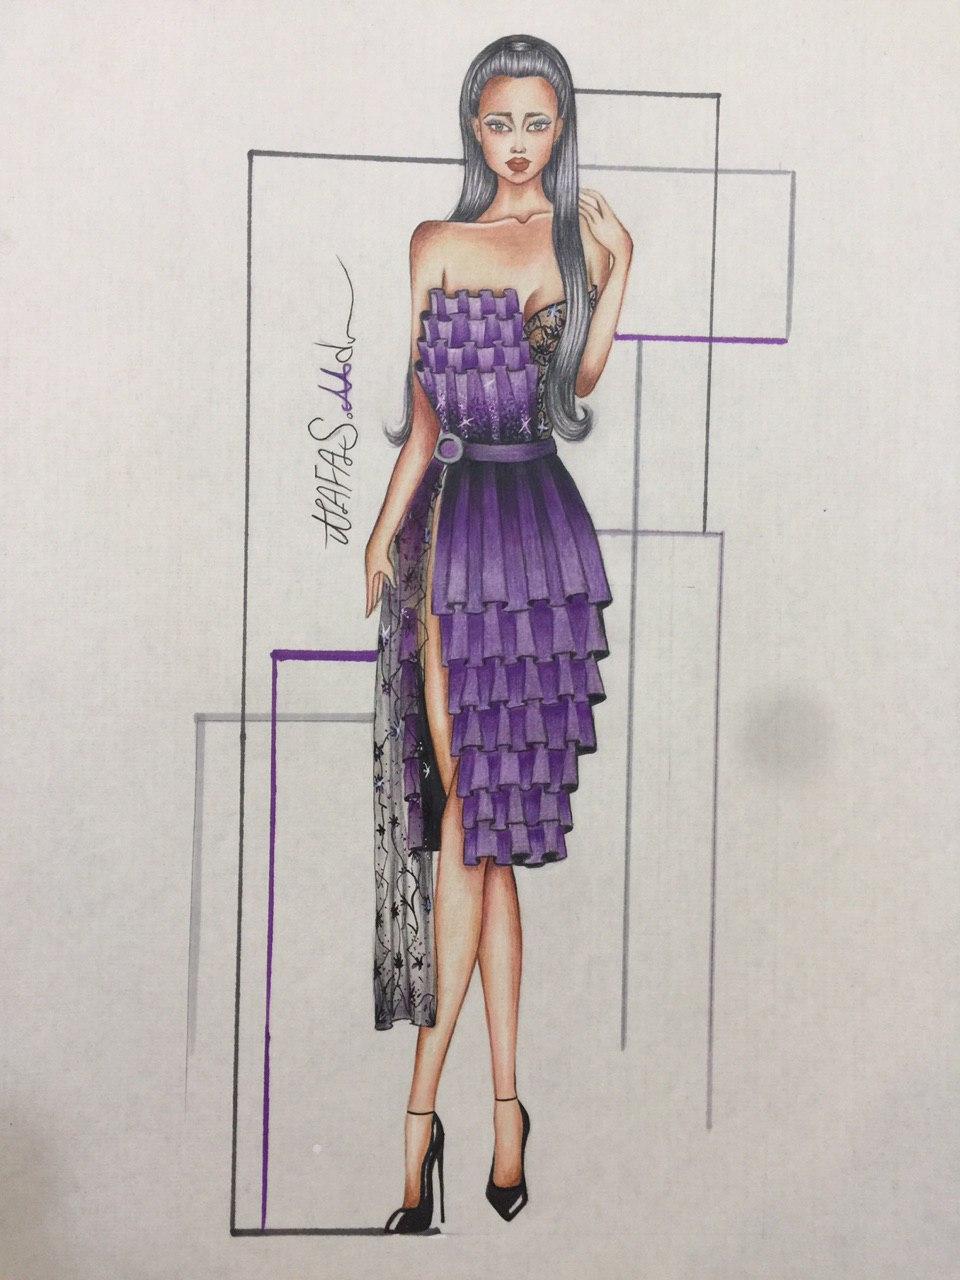 آموزش طراحی لباس - نفس محمدی -مدل لباس